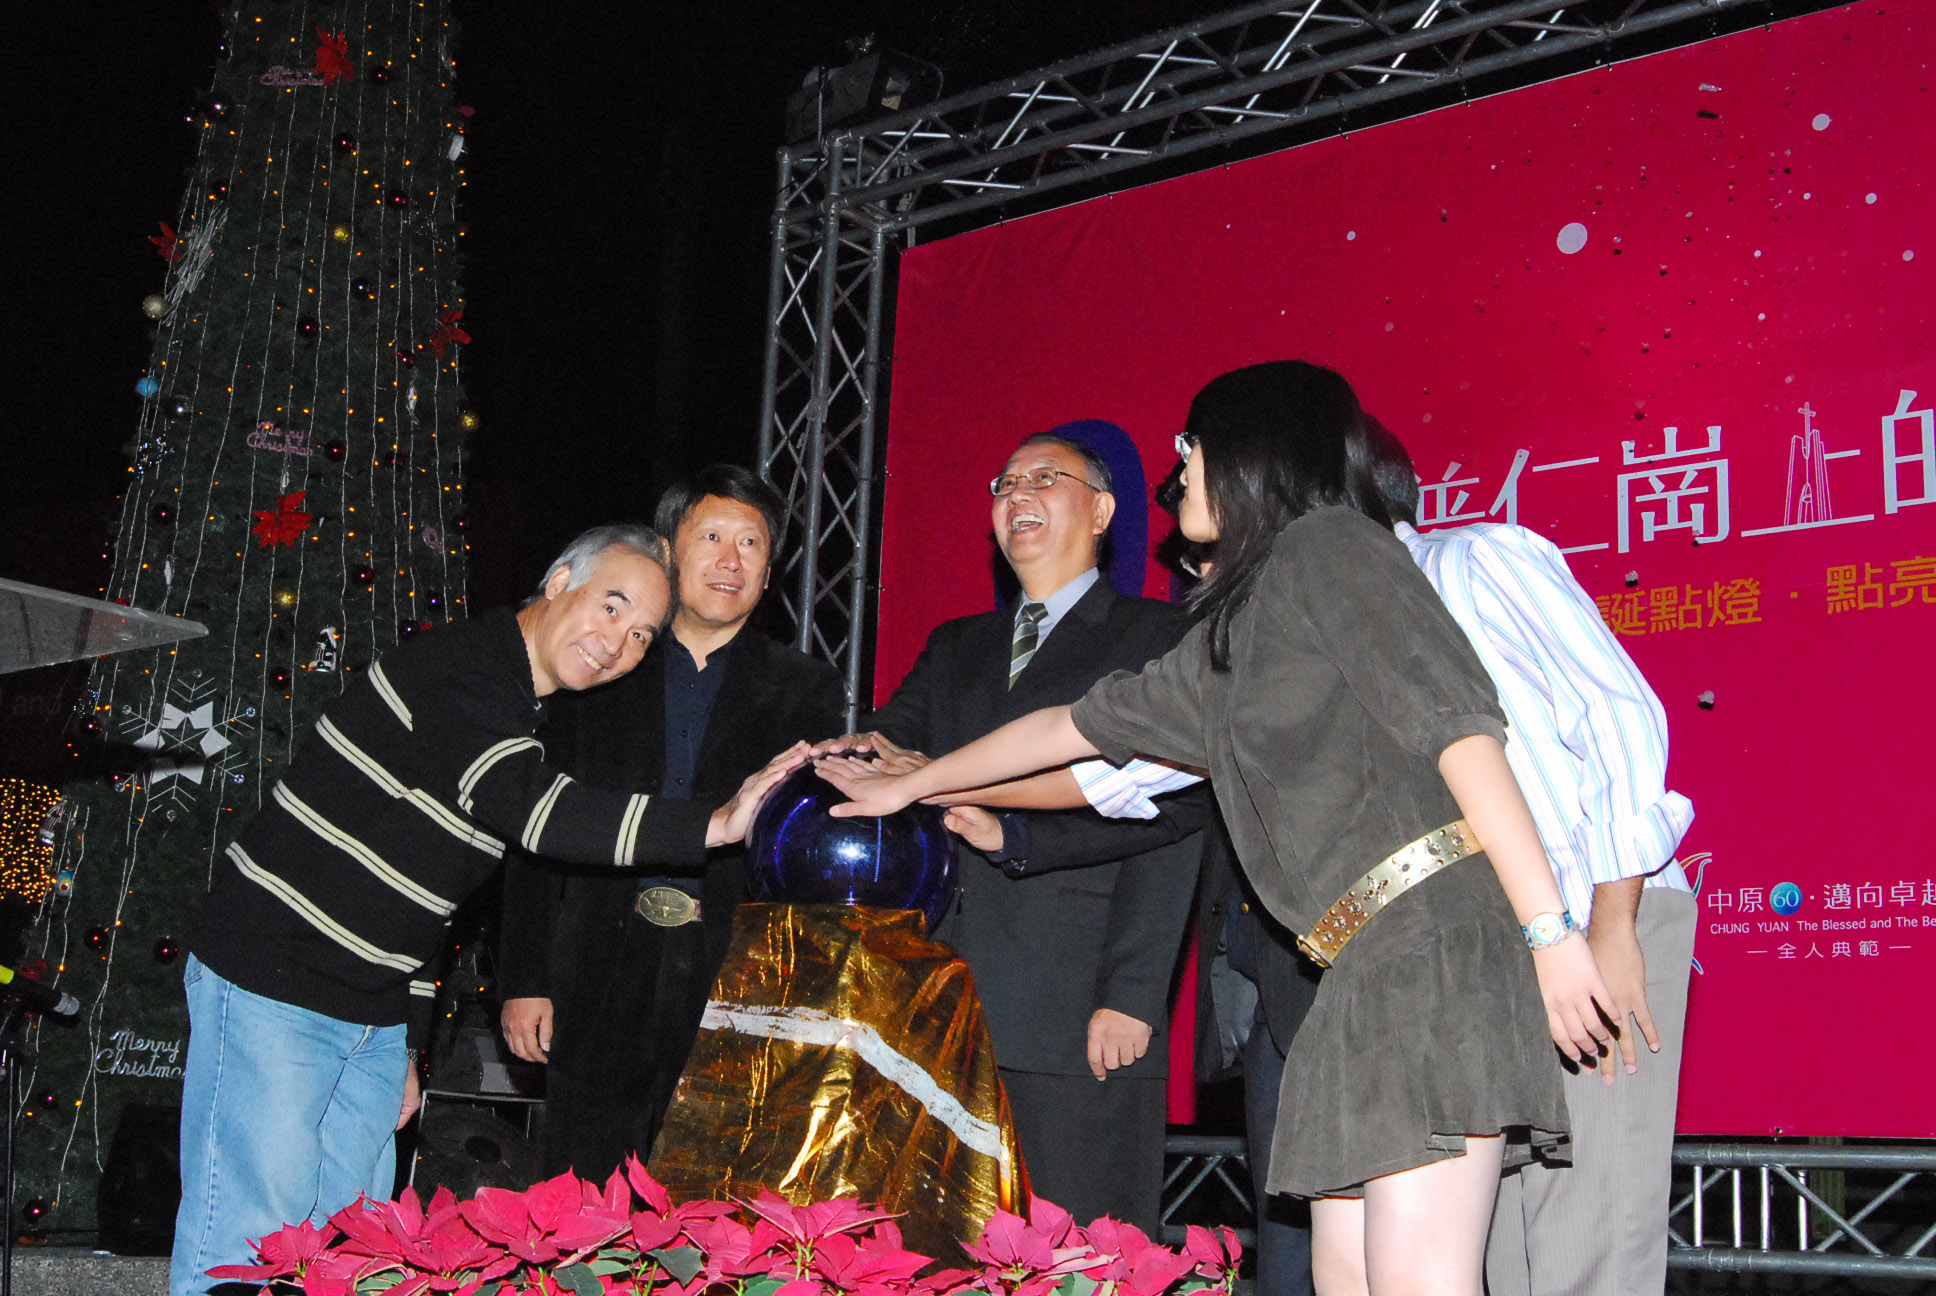 中原大學點燃聖誕燈光 揭開聖誕節系列活動